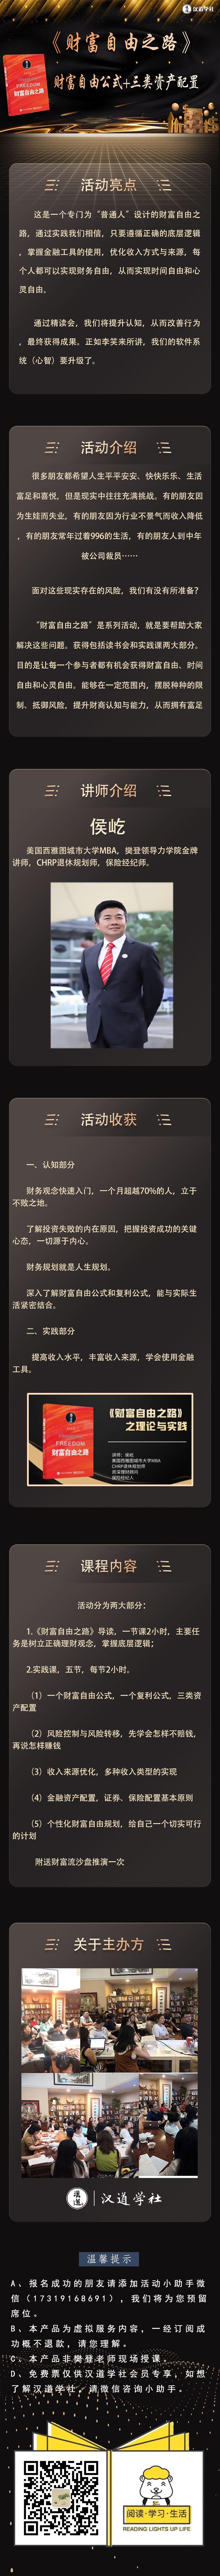 长-汉道-财富自由公式+三类资产配置.jpg